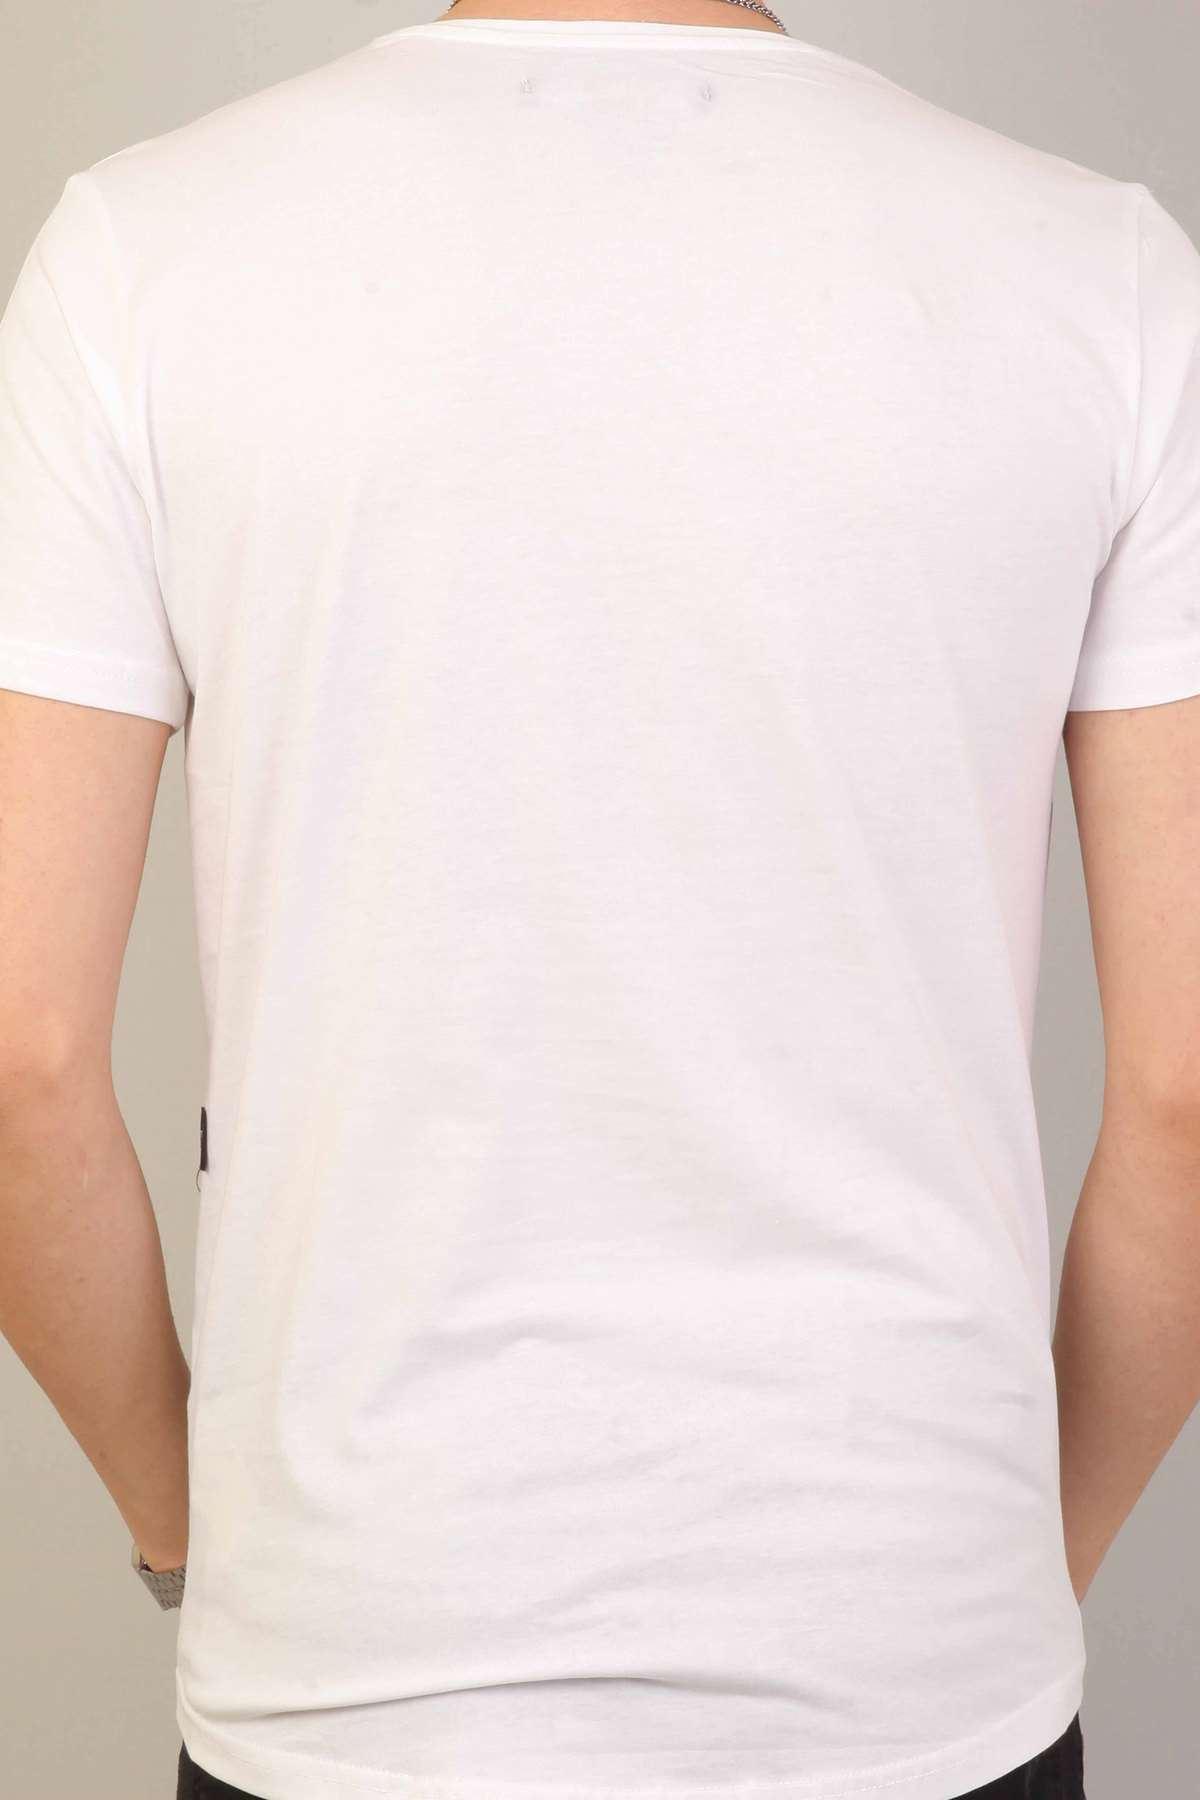 Kuru Kafa Kabartma Baskılıyazılı Silim Fit Sıfır Yaka Tişört Beyaz